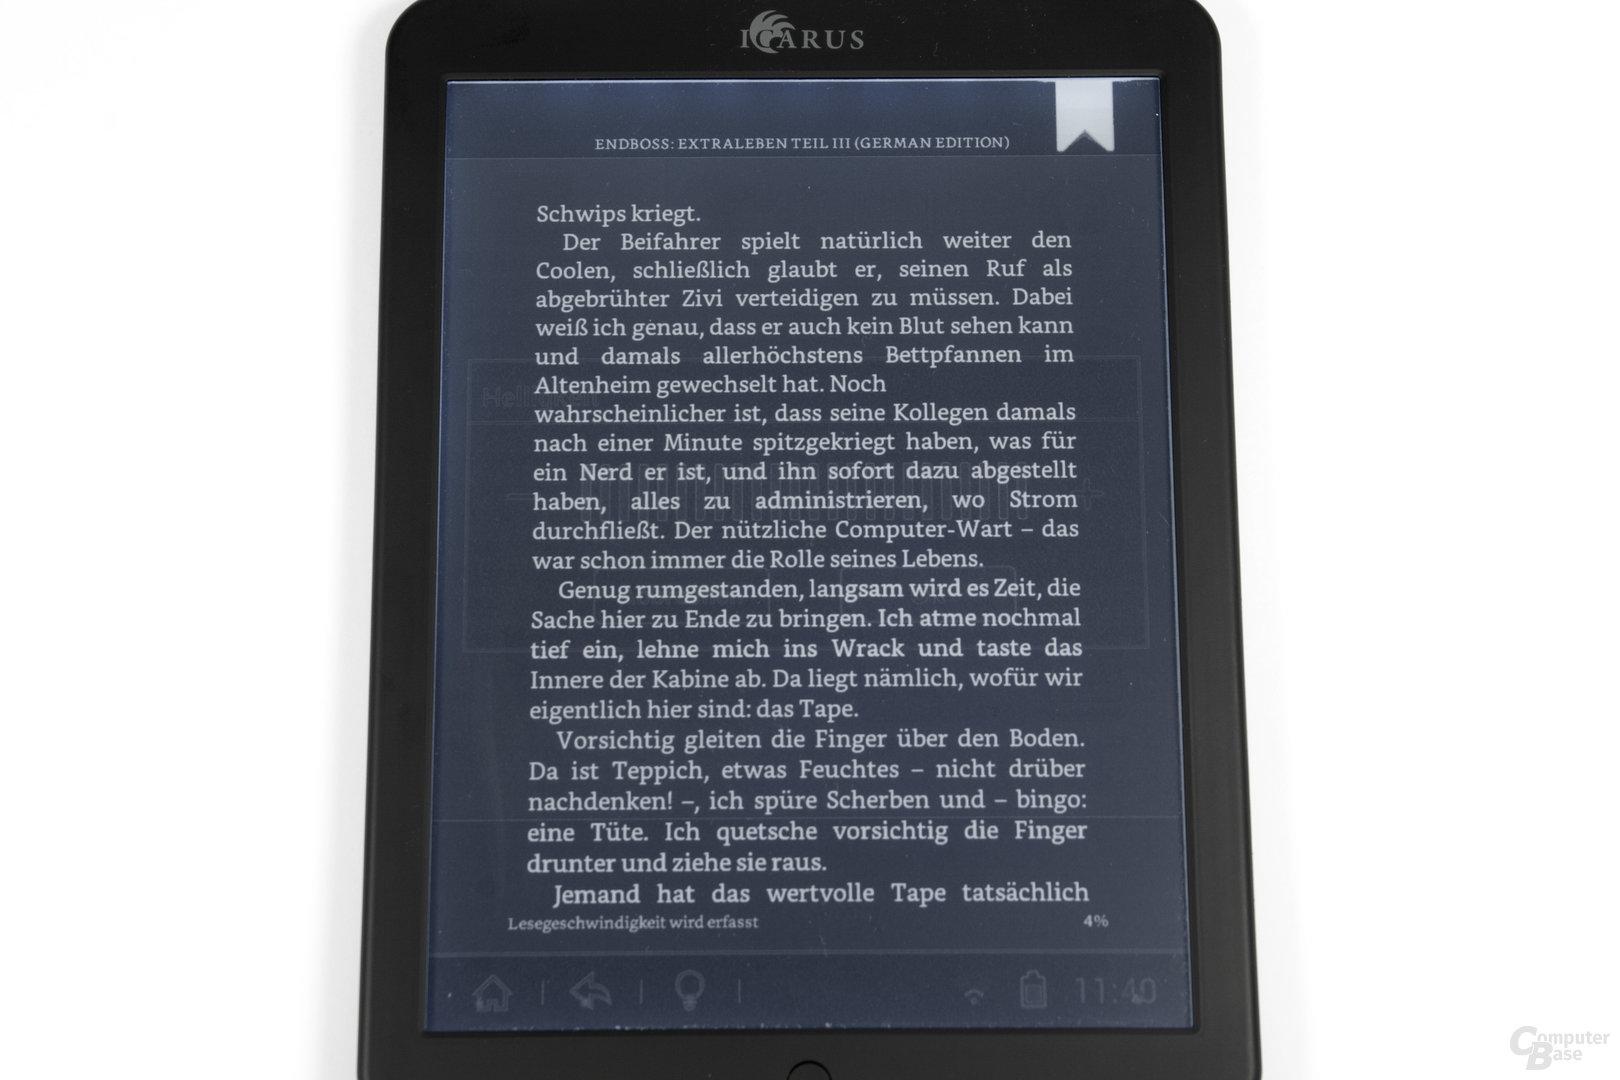 Invertierungsprobleme mit Kindle App im Nachtmodus